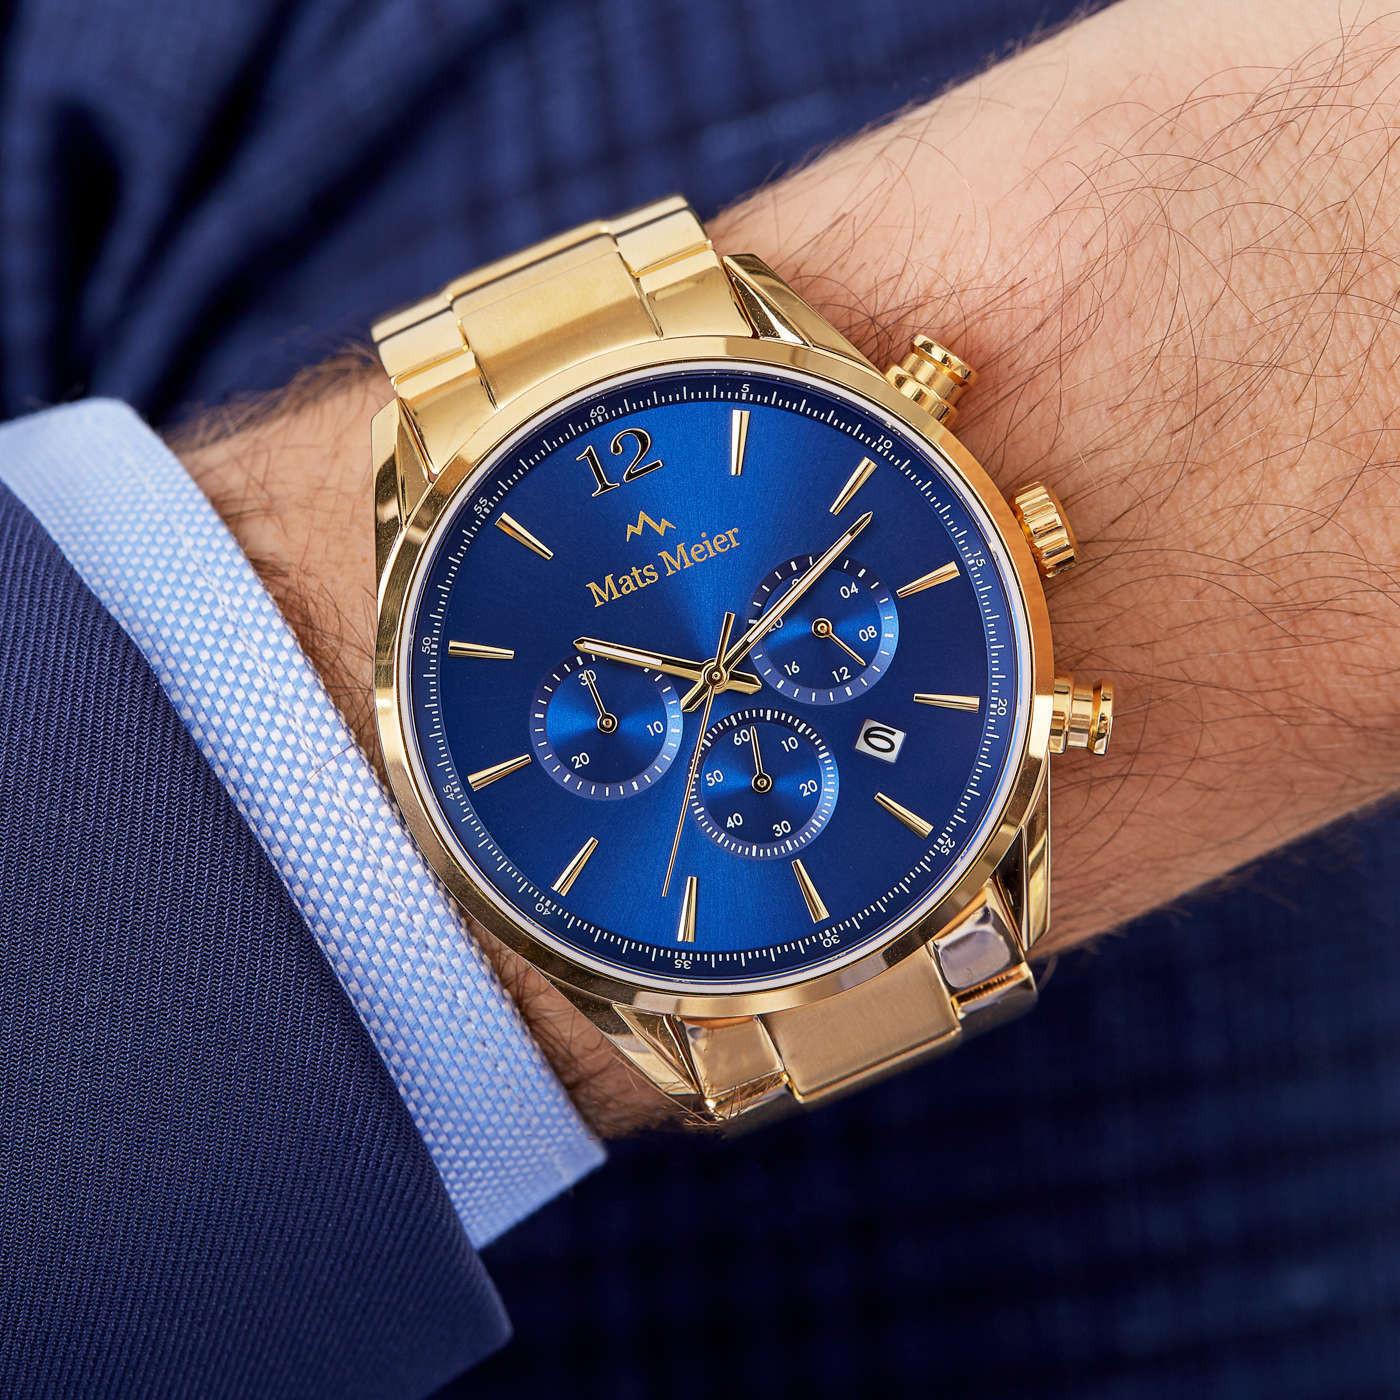 Mats Meier Grand Cornier Chronograaf Herenhorloge Goudkleurig met Horlogeband Giftset MM90007